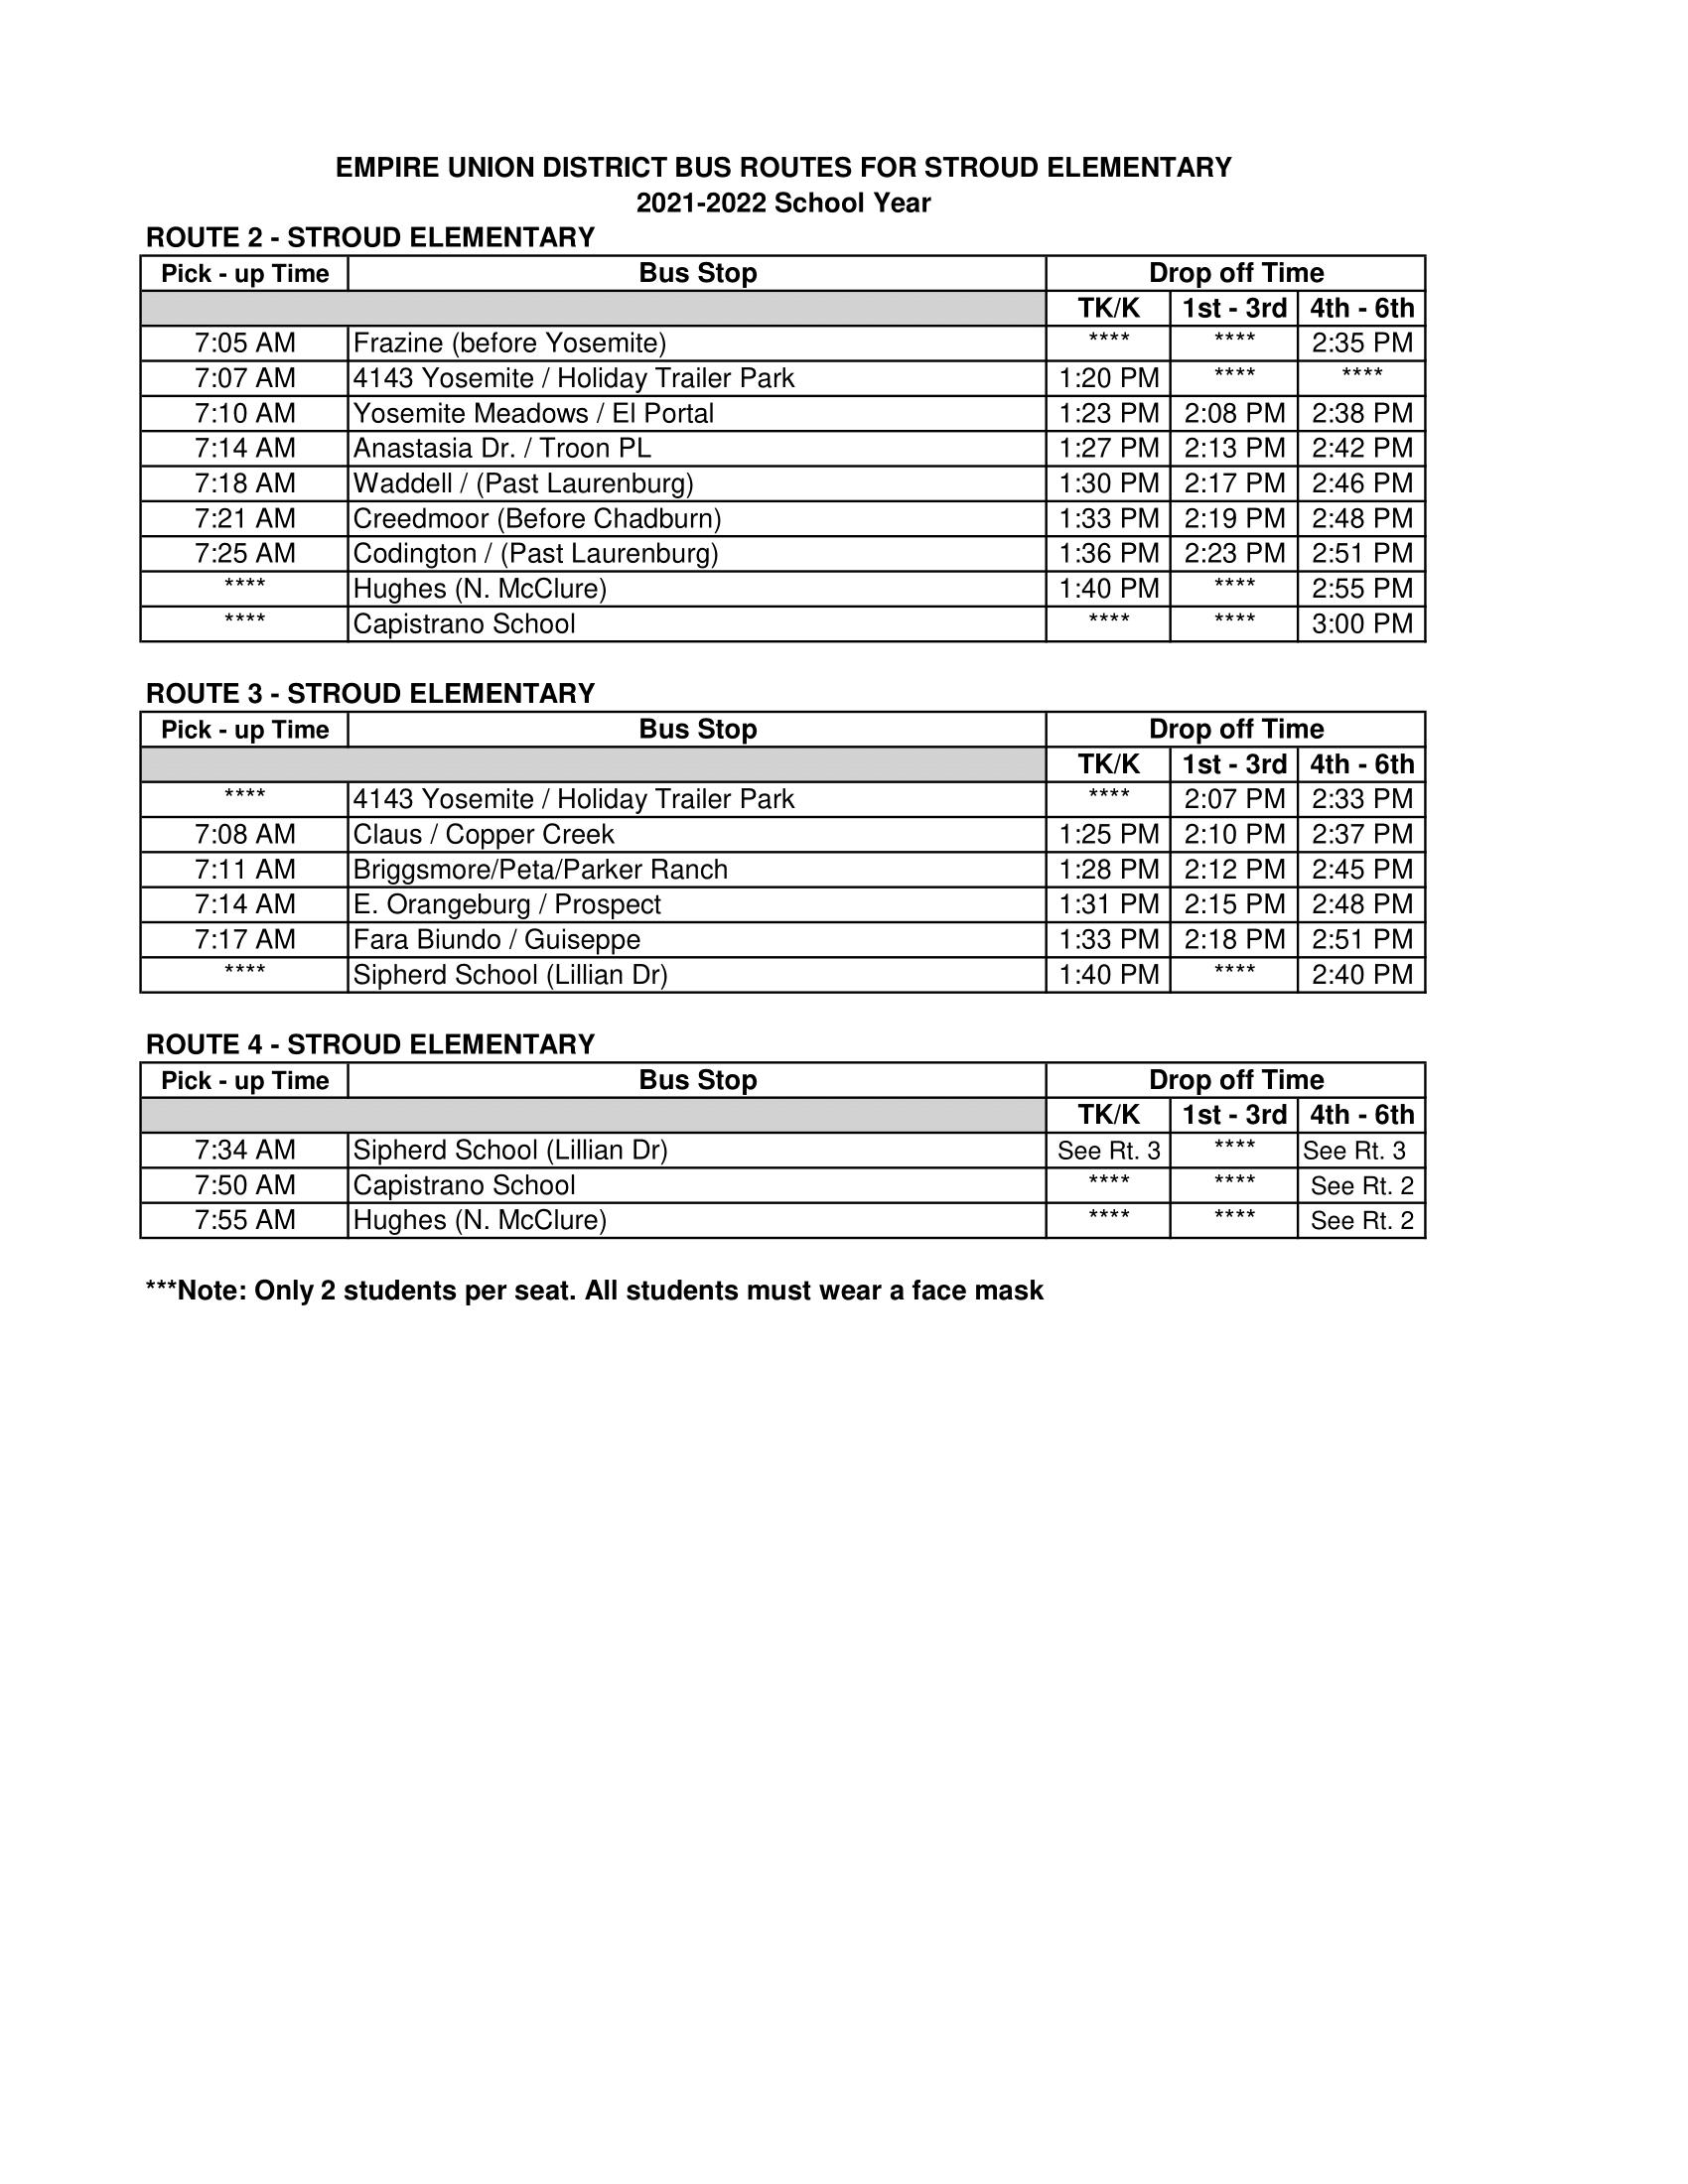 21-22 Stroud Bus Routes